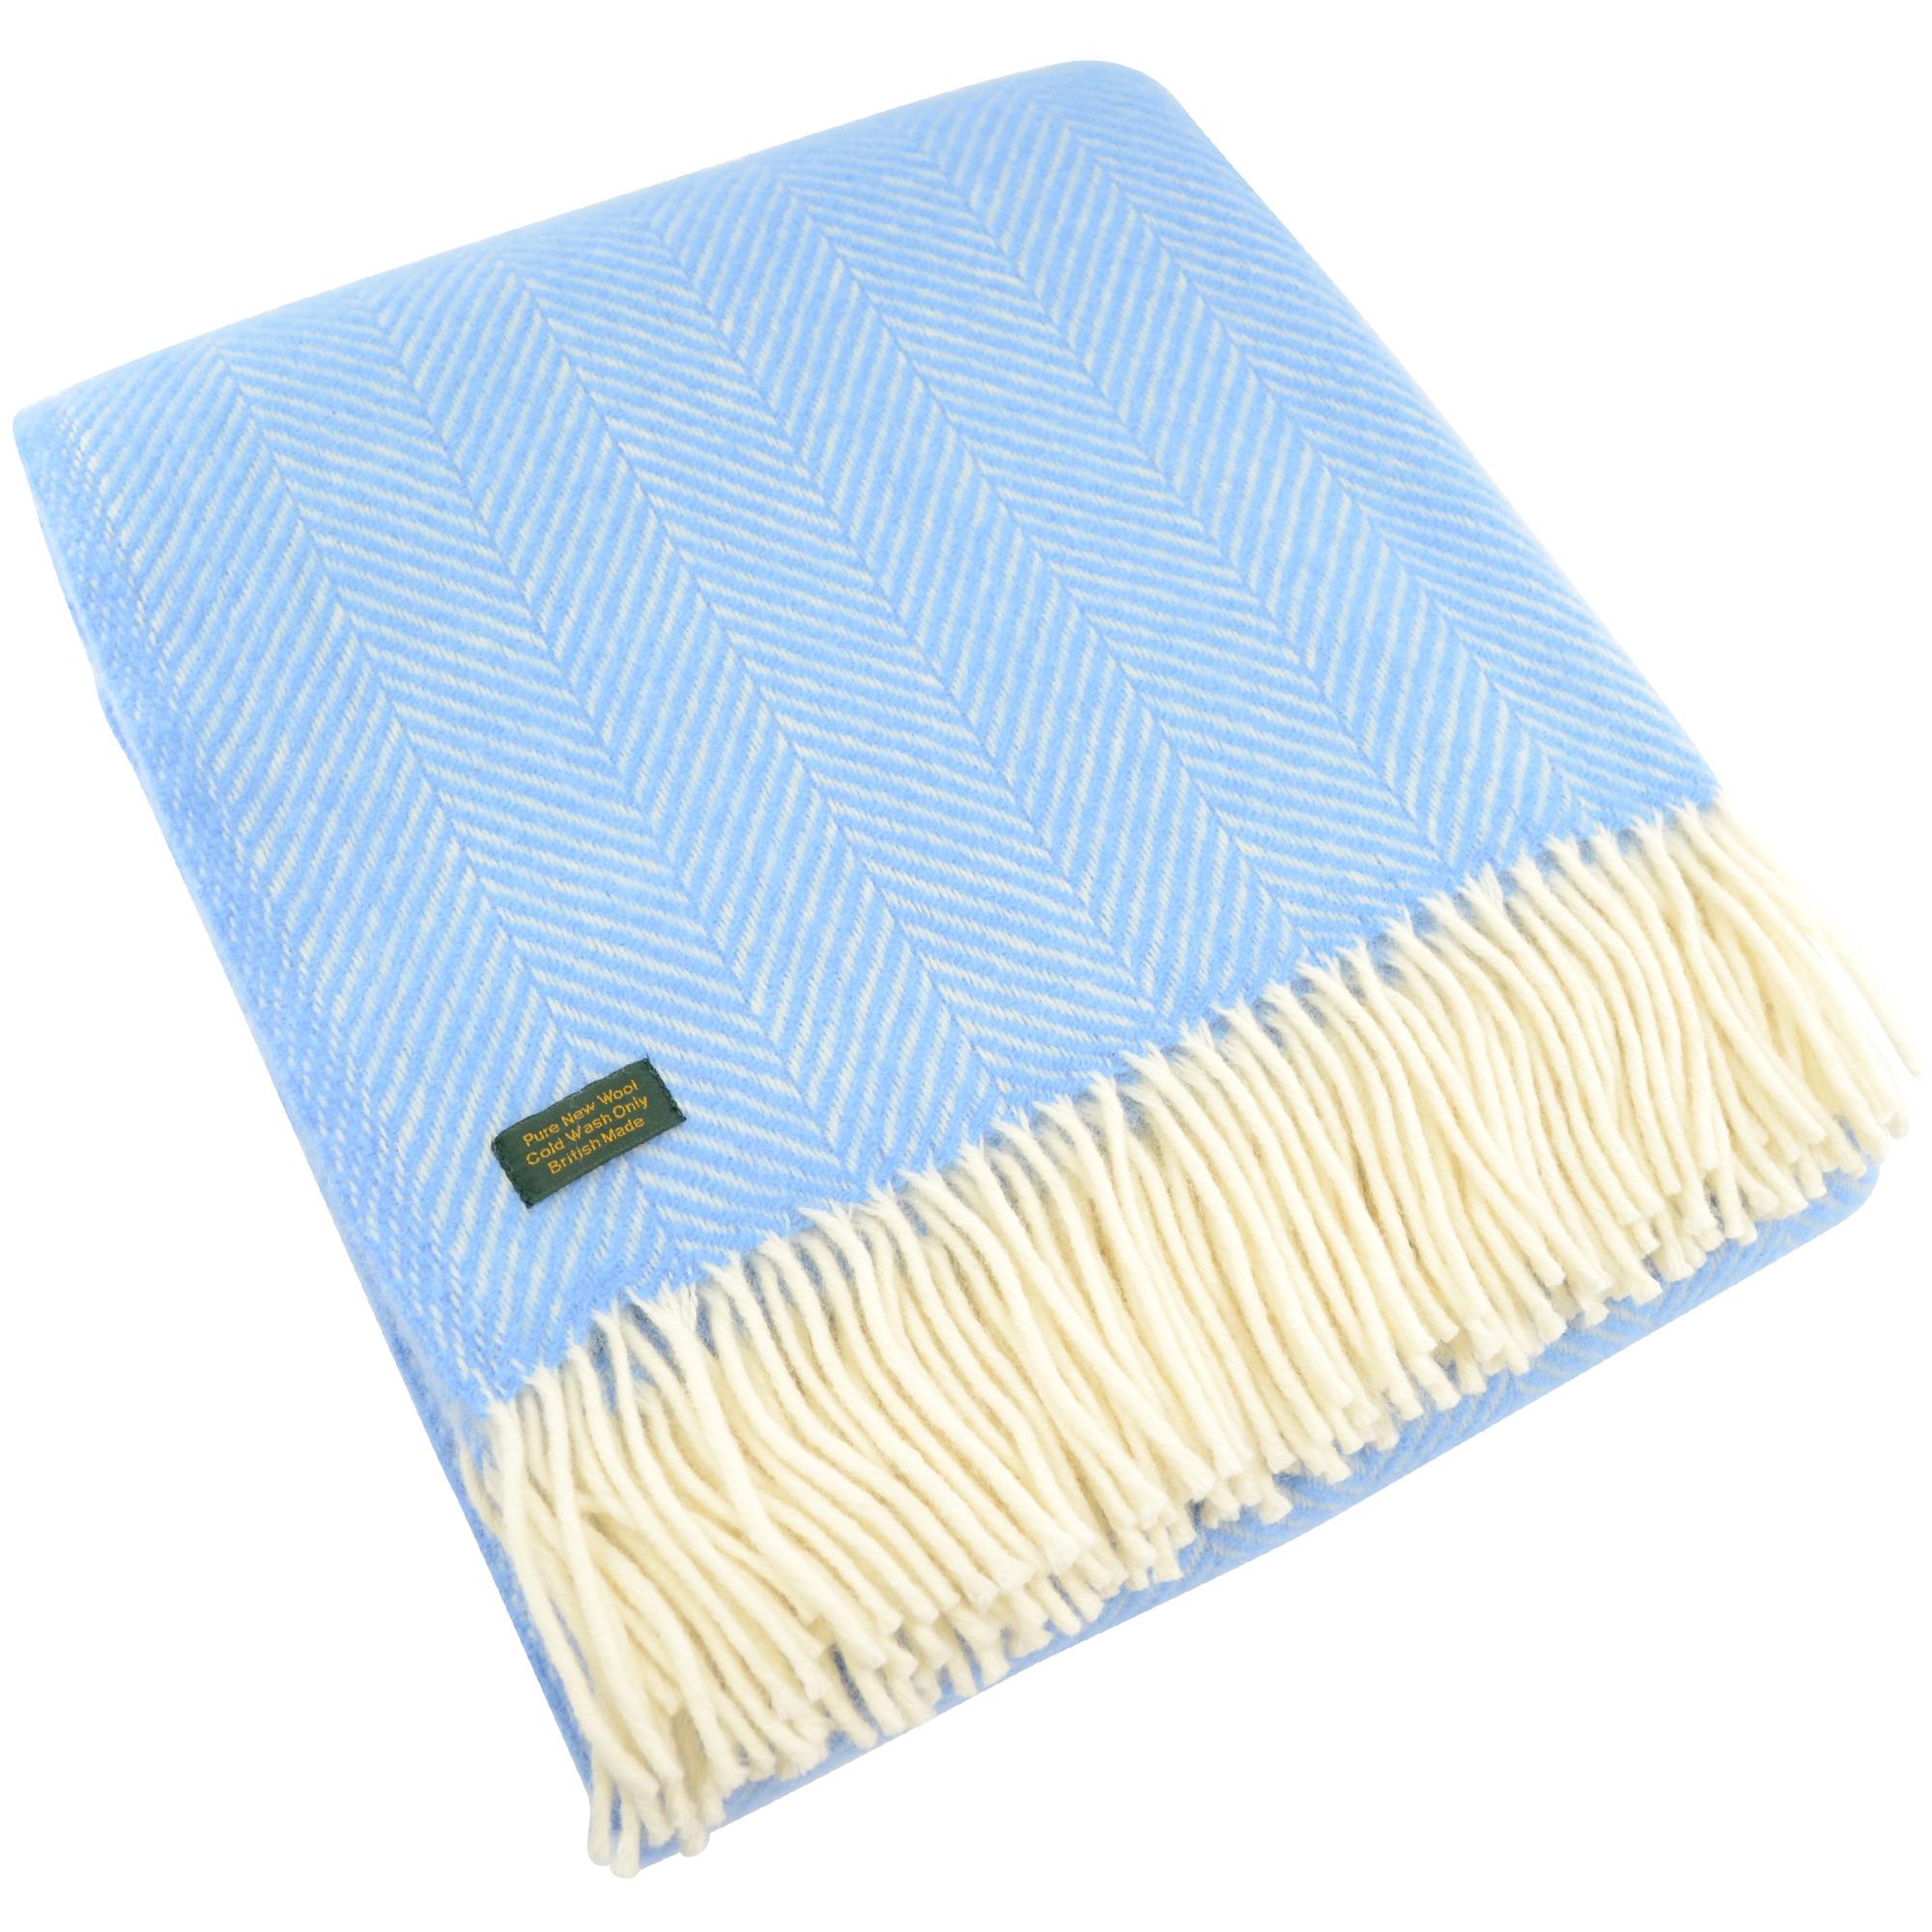 Pure New Wool Fishbone Blanket - Sea Blue